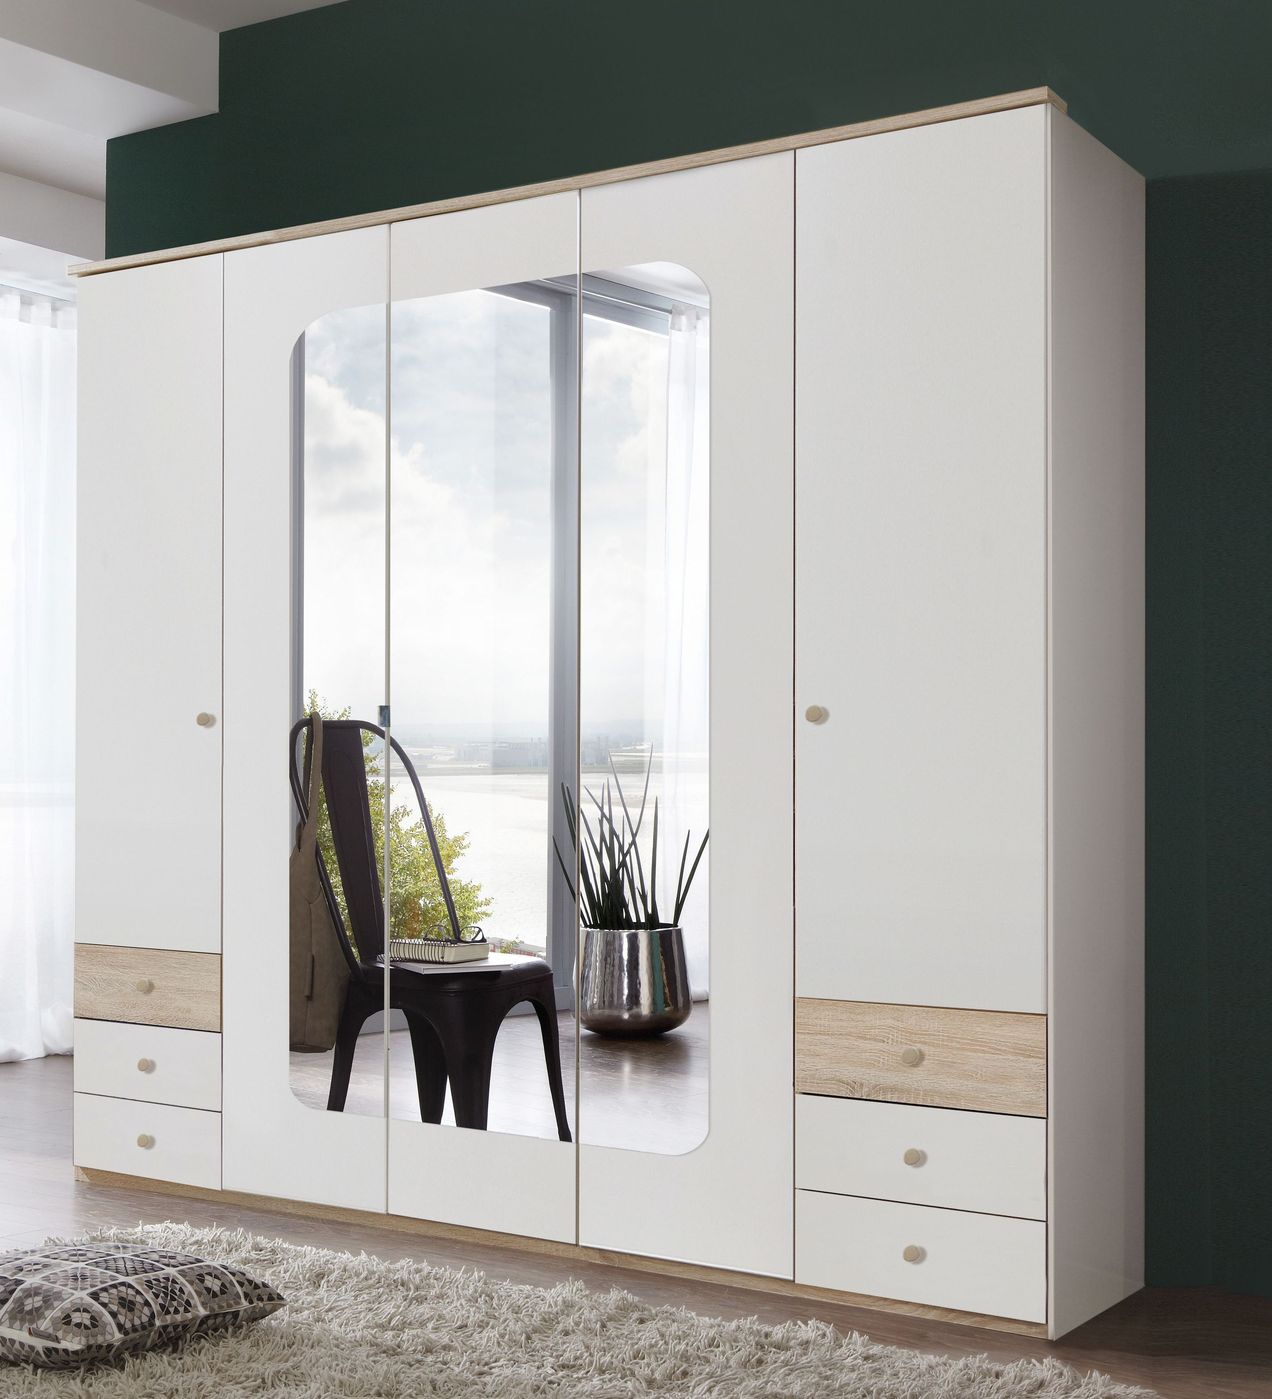 wei er schrank im retrolook mit spiegel und schubladen. Black Bedroom Furniture Sets. Home Design Ideas